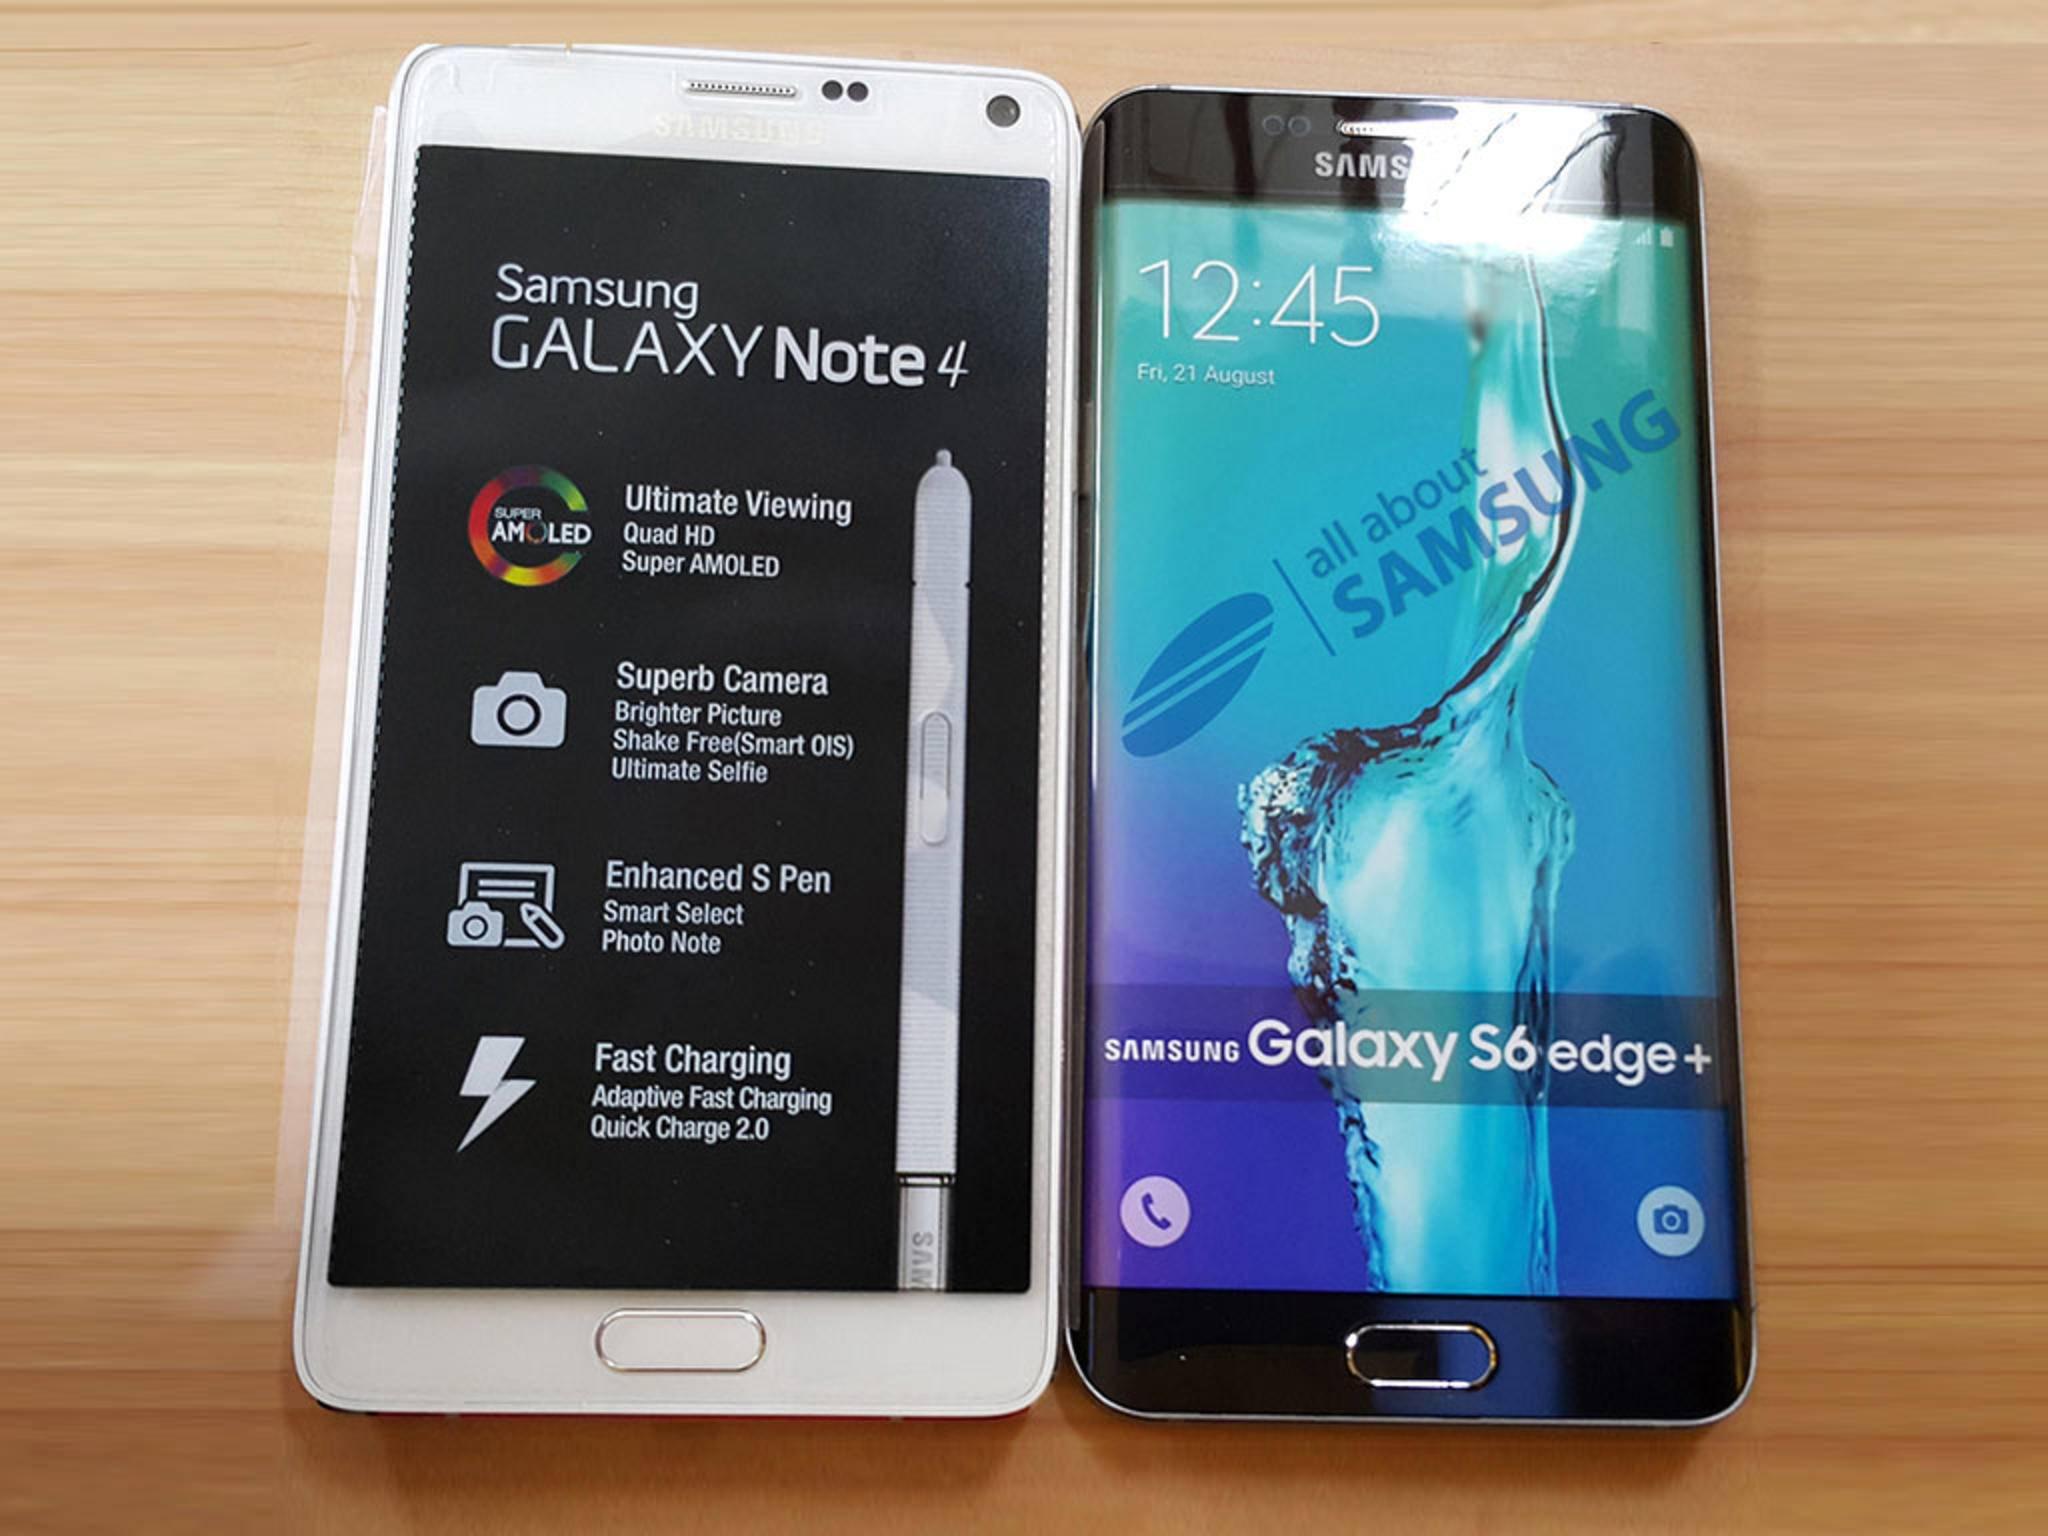 Das Samsung Galaxy S6 Edge+ im Vergleich mit dem Samsung Galaxy Note 4.